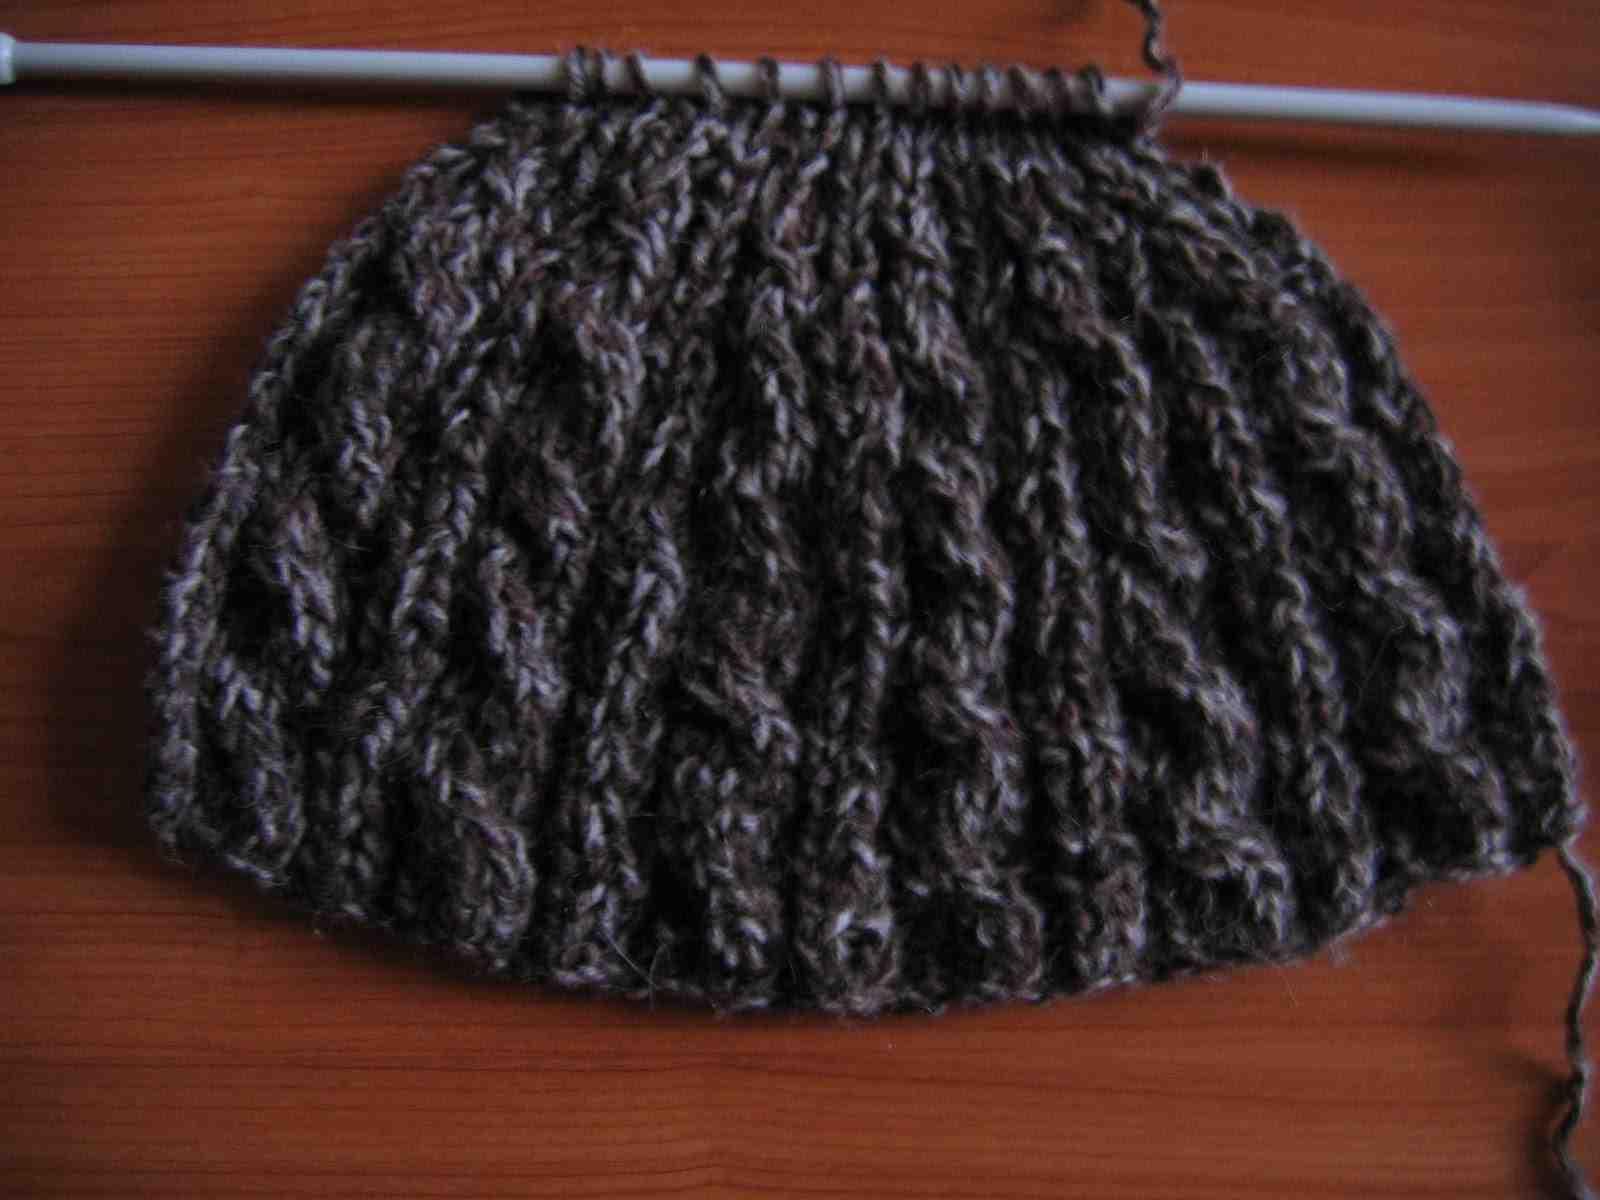 Comment rétrécir un bonnet en laine?